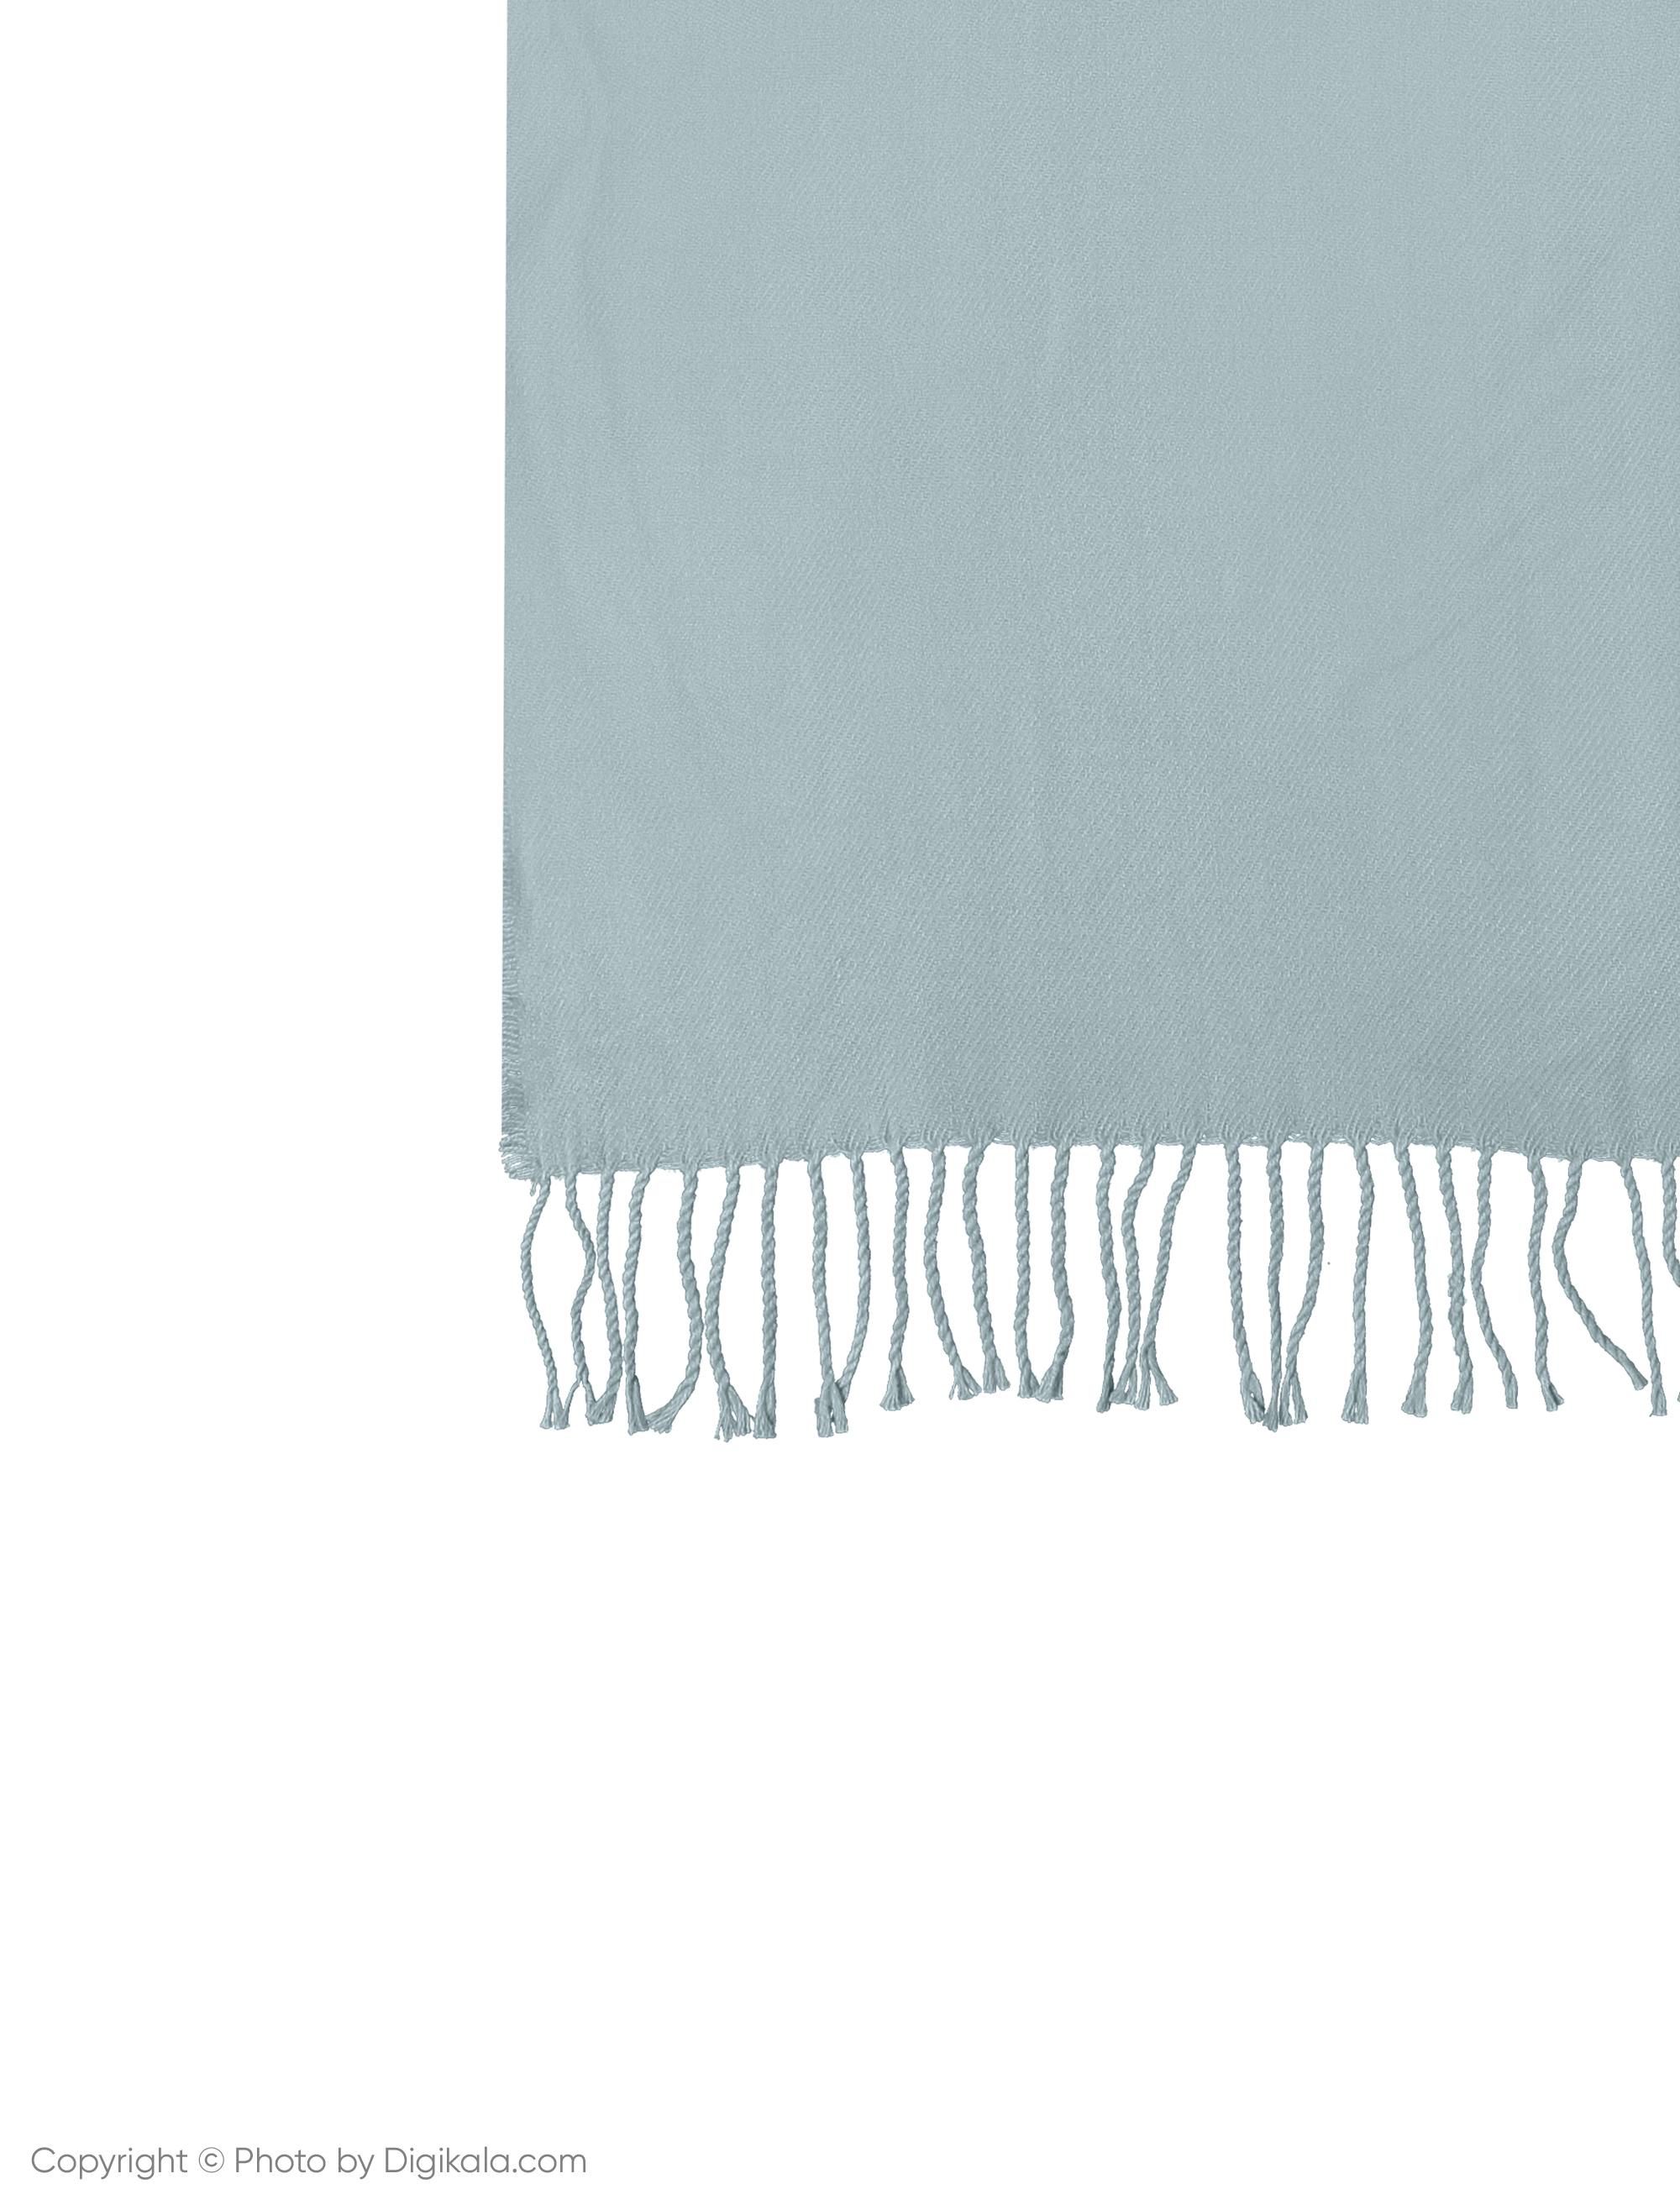 شال ساده زنانه - مانگو - آبی روشن - 3